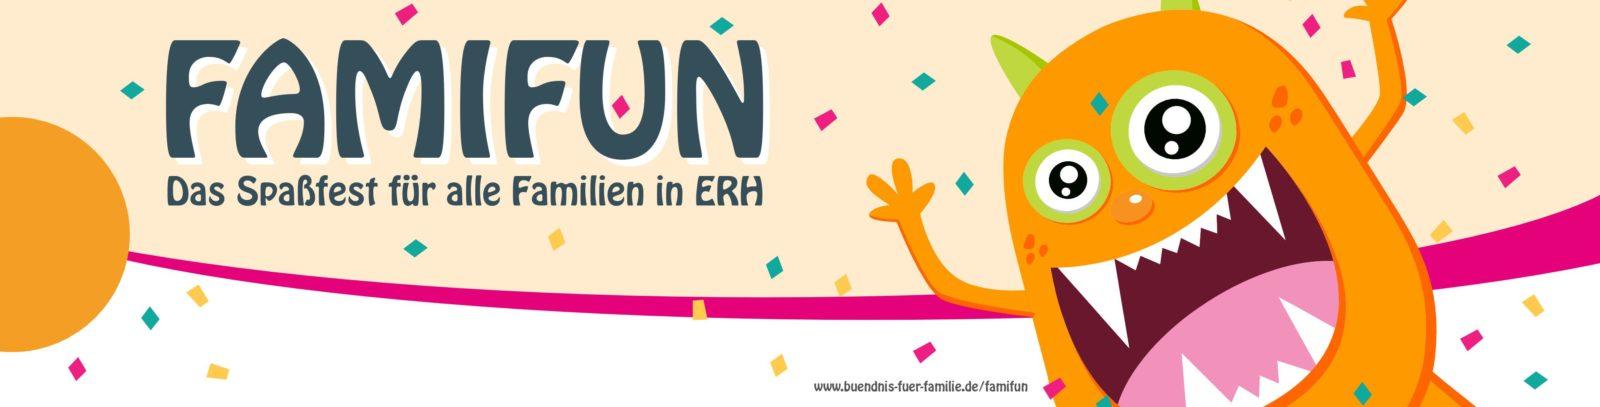 FAMIFUN – Das Spaßfest für alle Familien in ERH